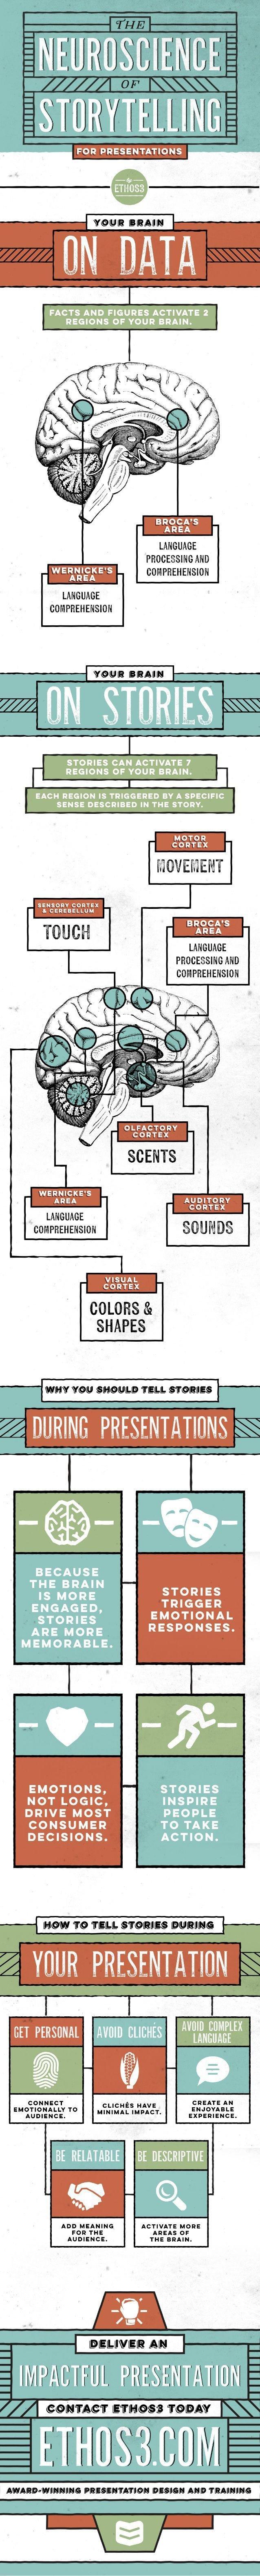 storytelling-infographic.jpg